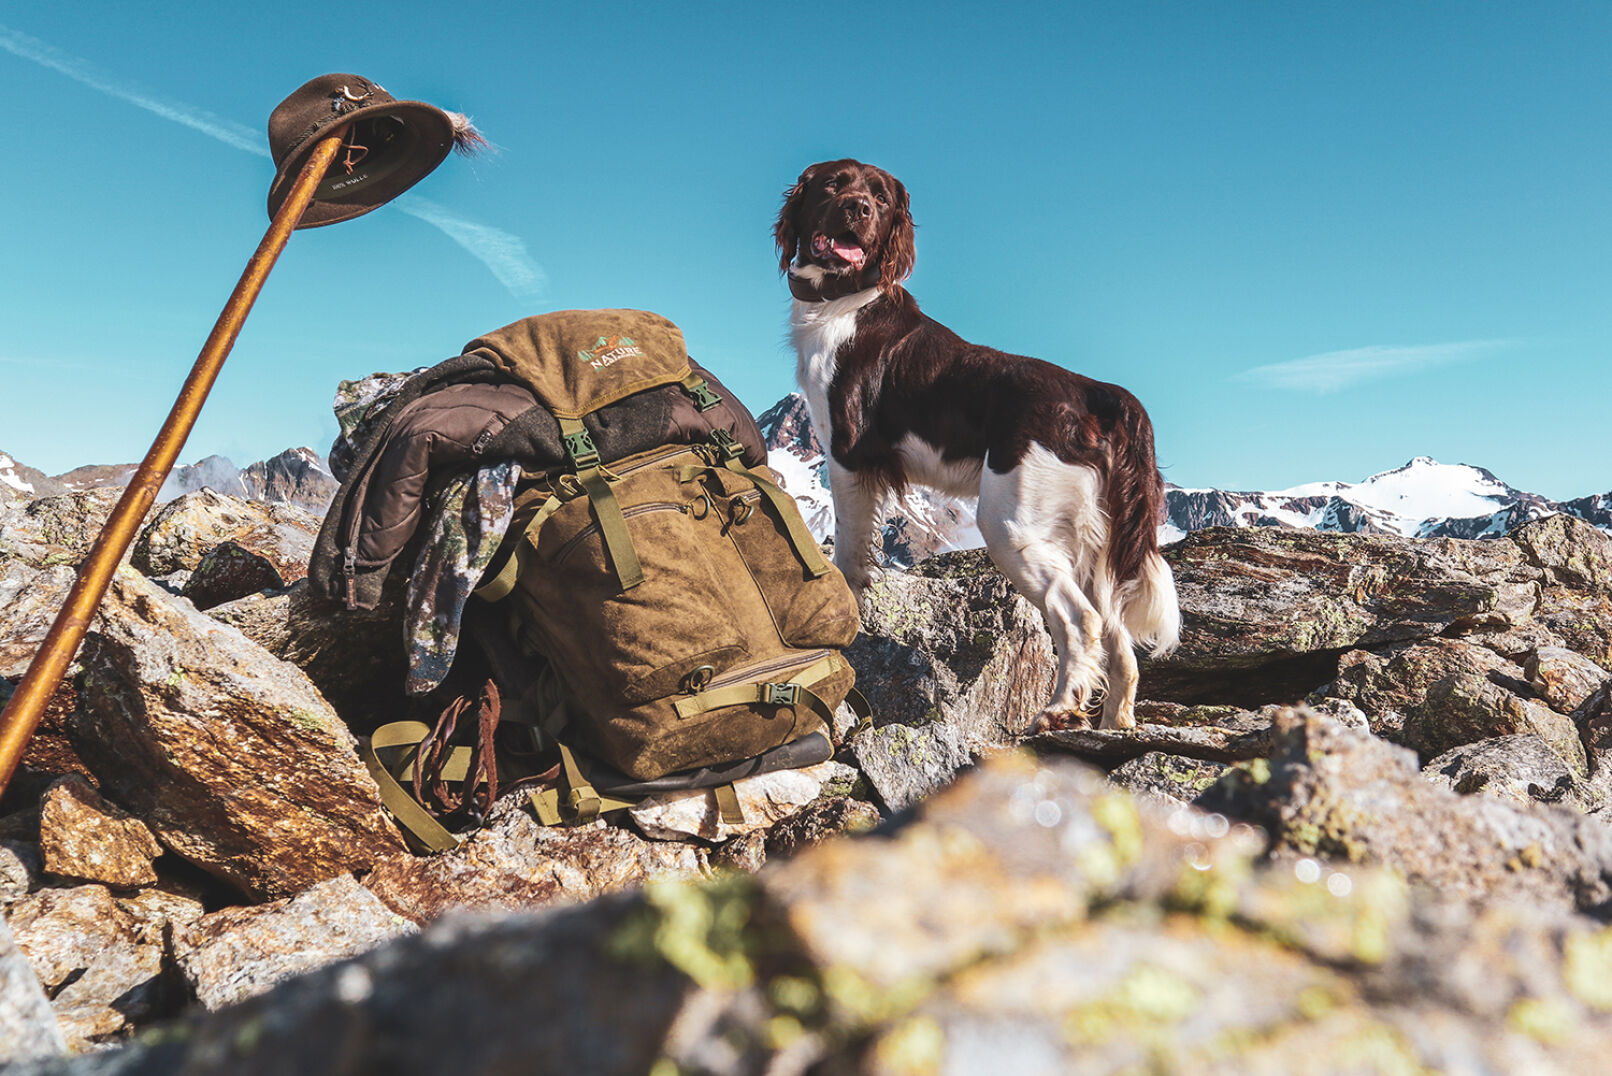 Mehr Fotos ihres Jagdgefährten seht ihr auf Instagram: @into.the.forest